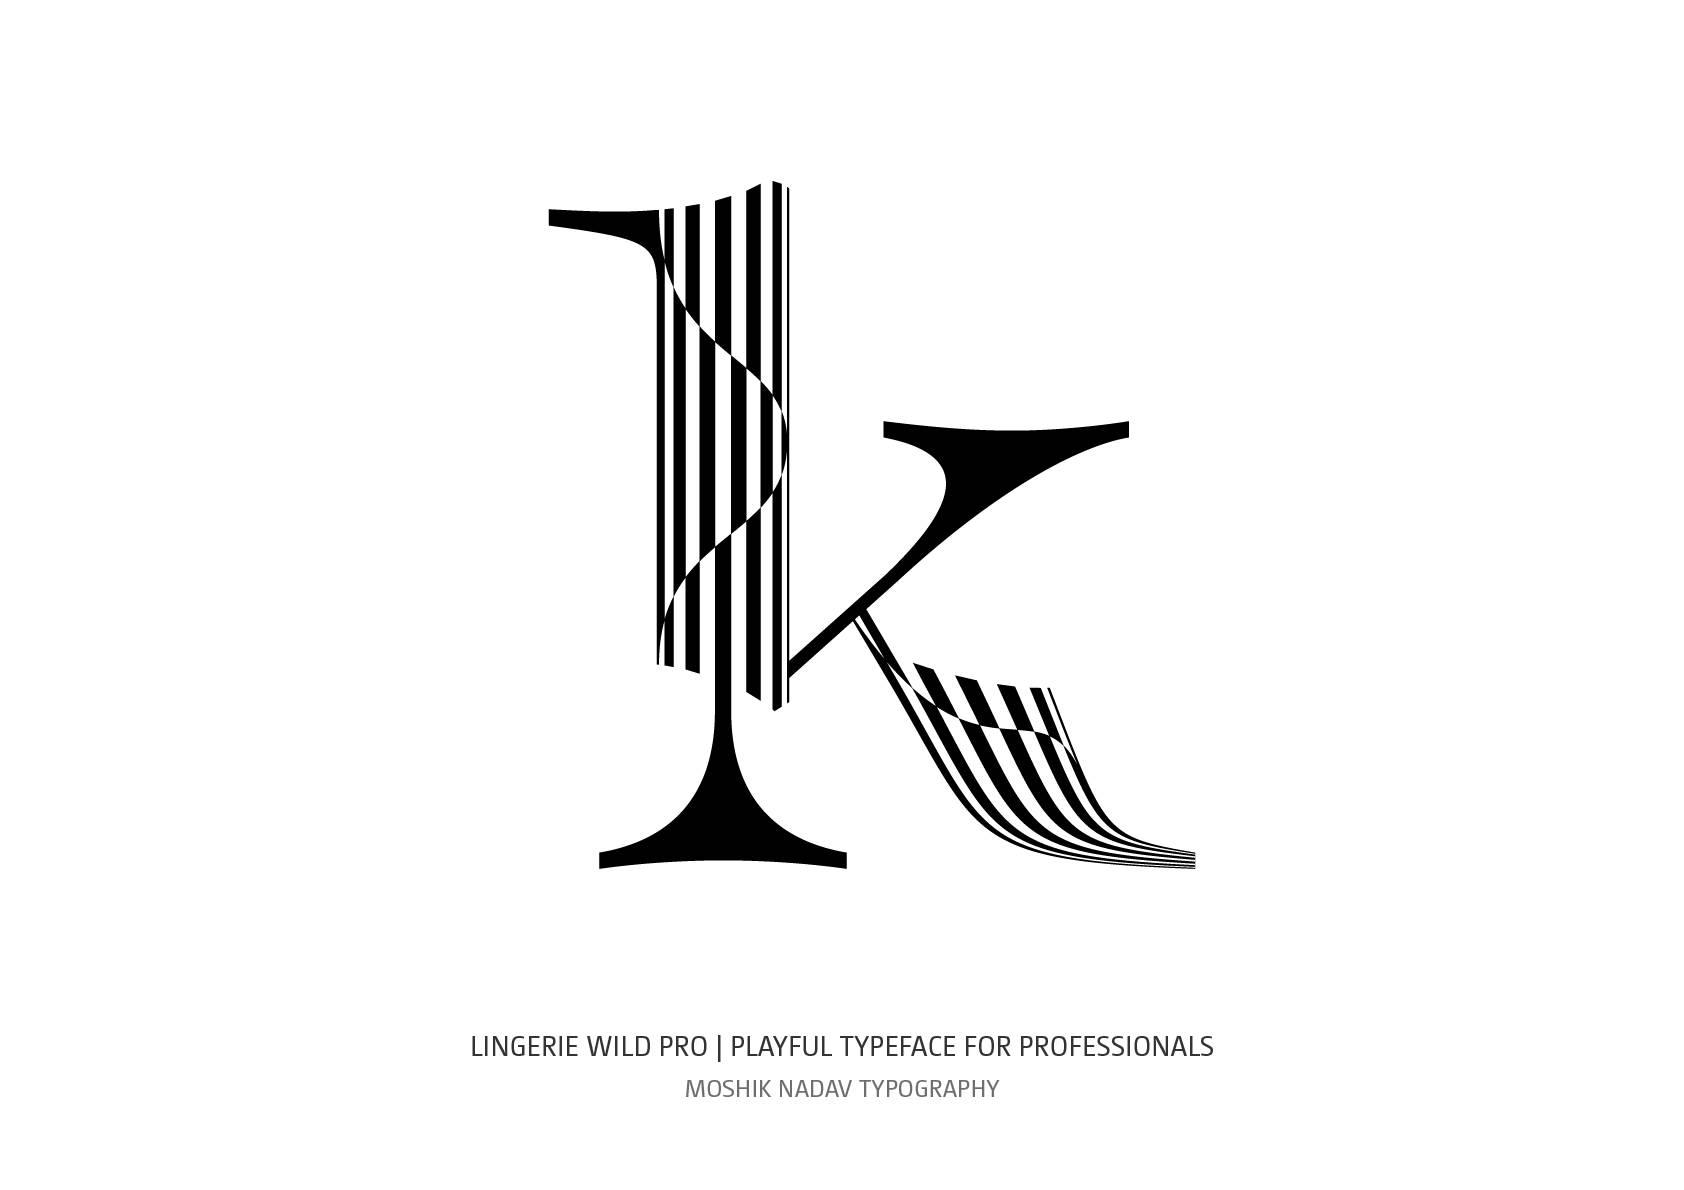 Lingerie WIld Pro Chimera X styles lowercase k designed by Moshik Nadav Fashion Typography New York City based design studio